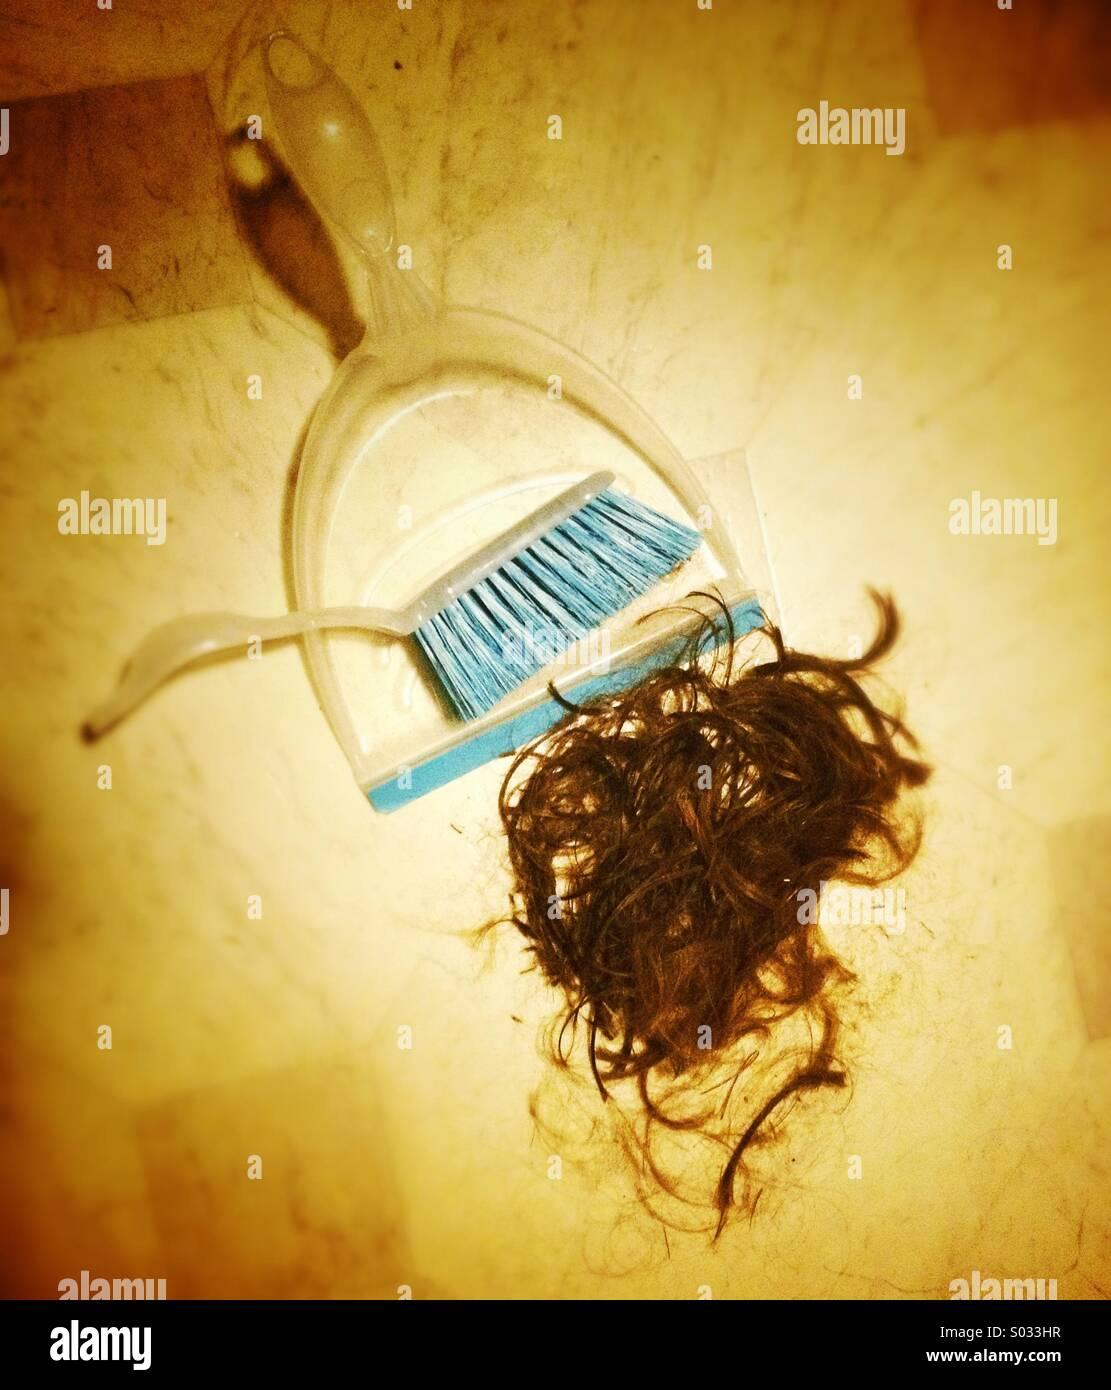 Taglio di capelli, pan e spazzola con pila di tagliare i peli Immagini Stock